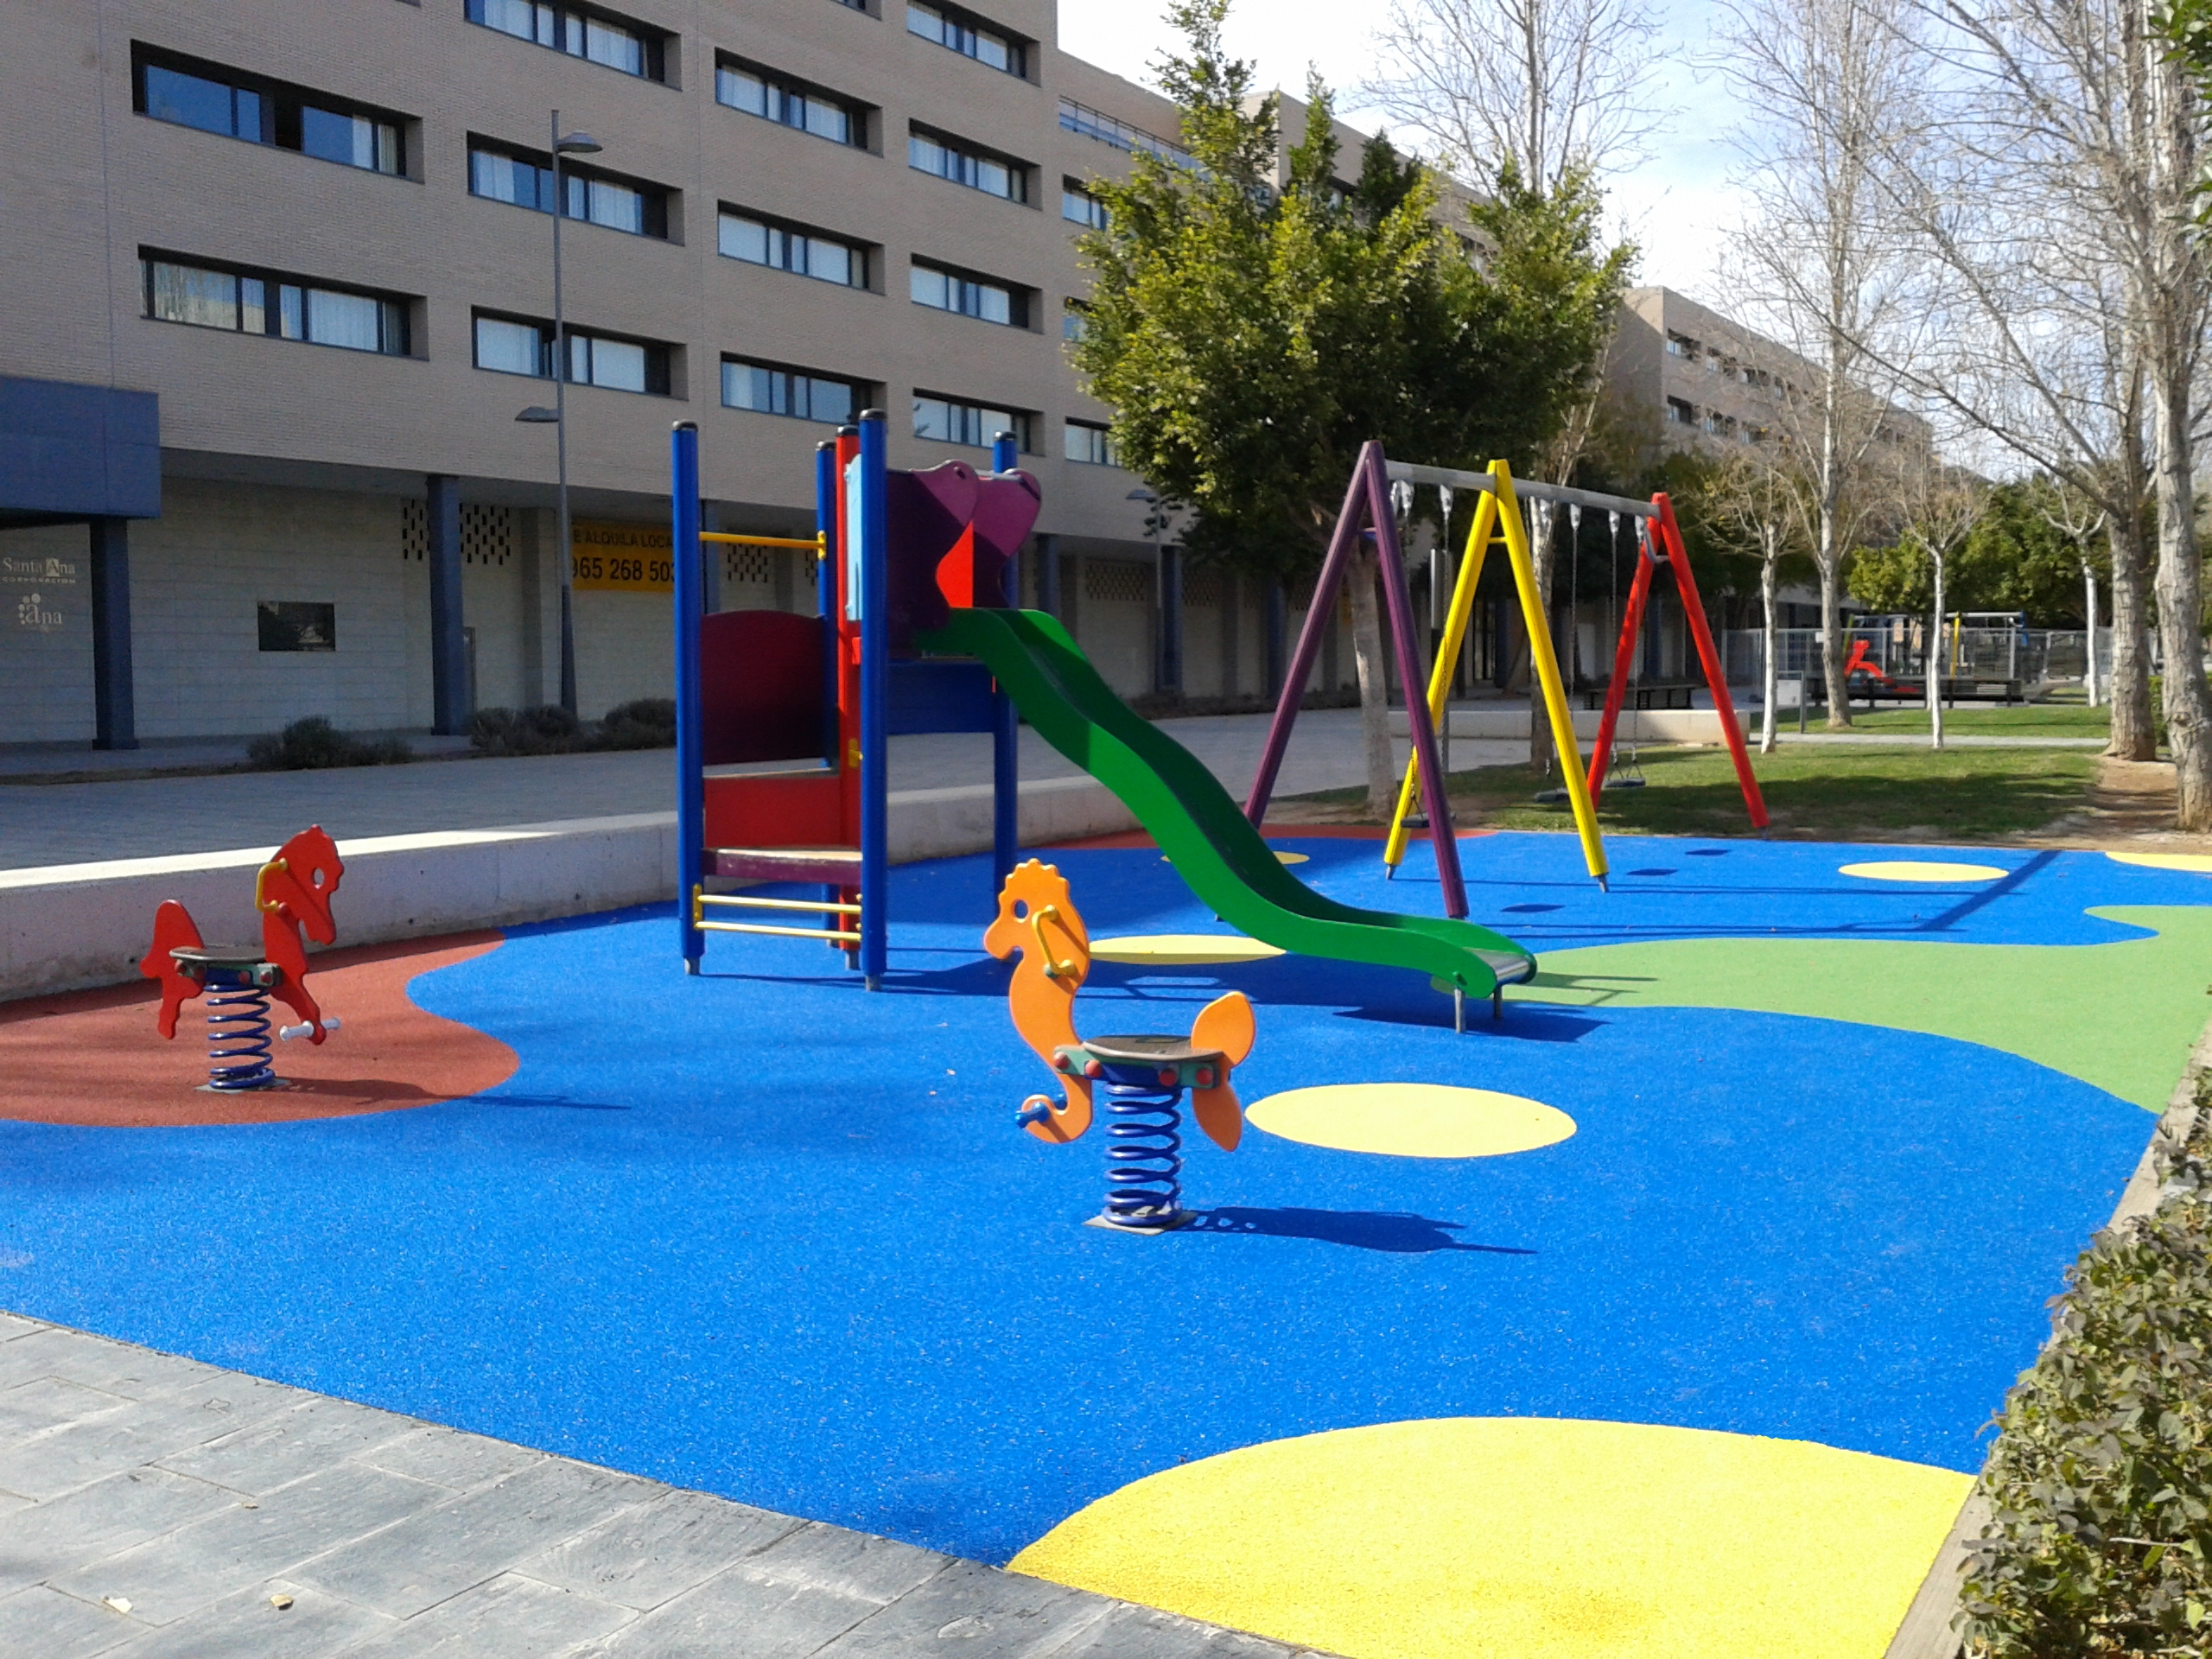 parques y jardines inicia la renovacin de los juegos infantiles en zonas del municipio